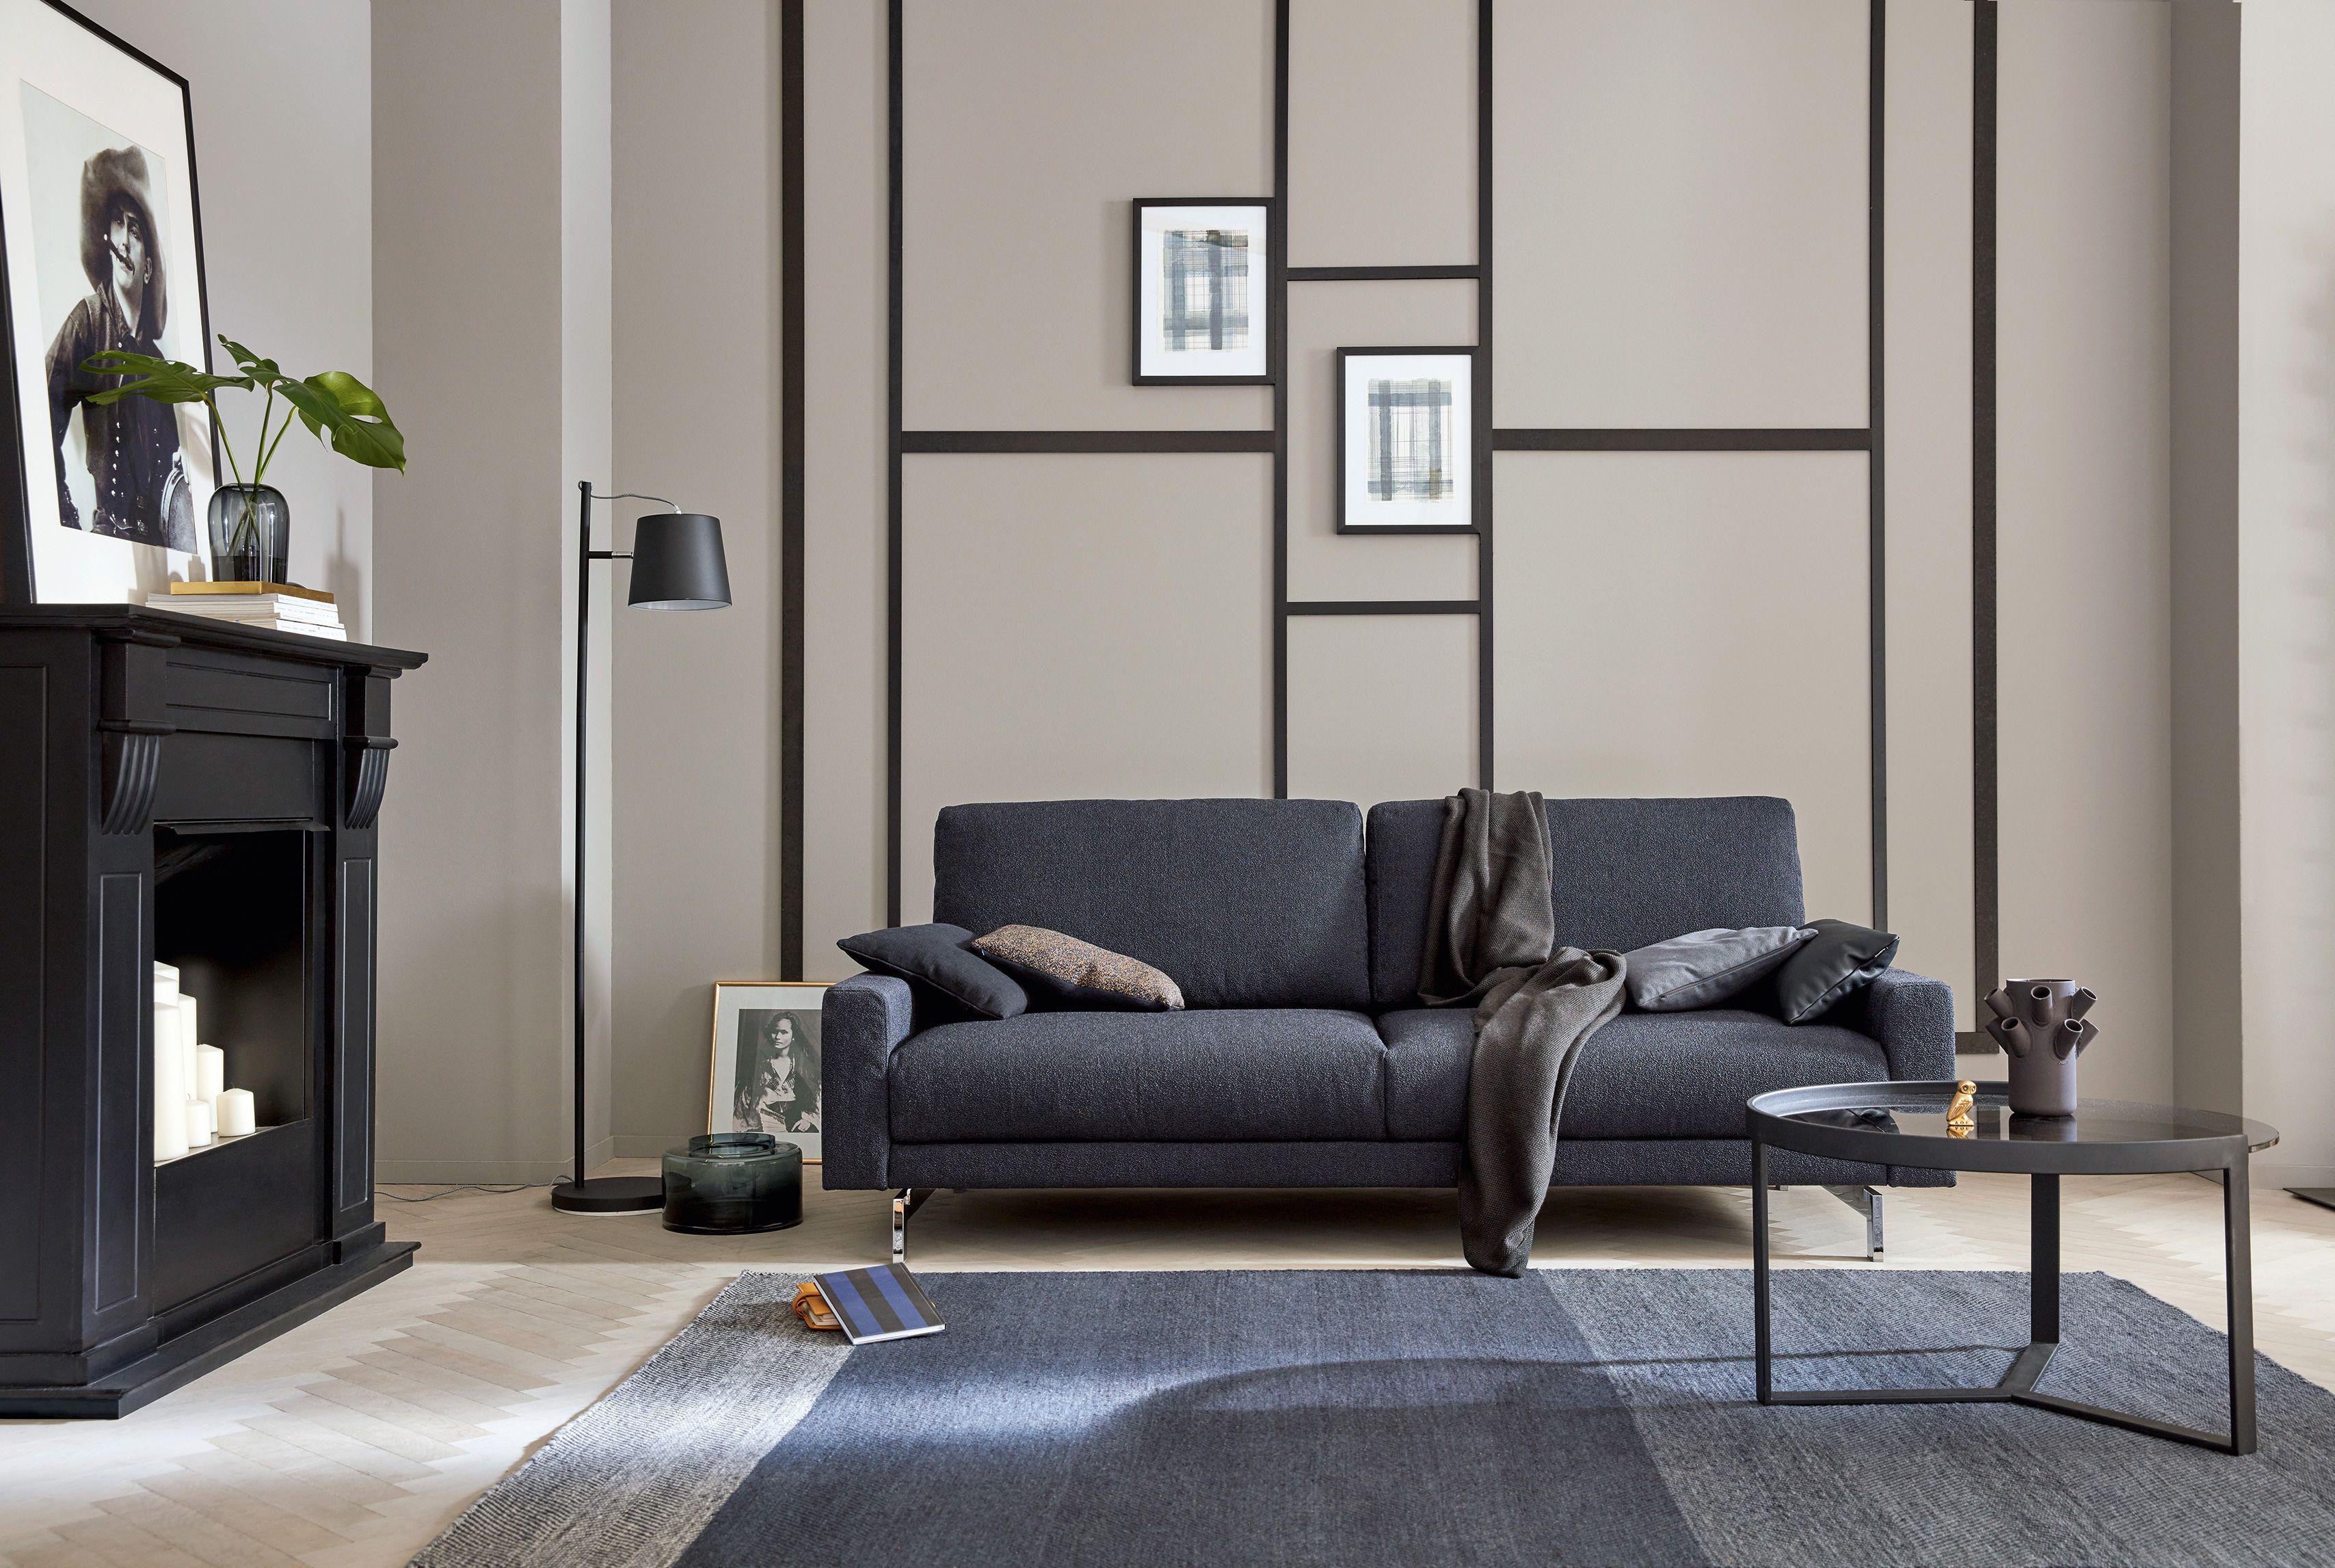 Wunderbar Hülsta Sofa Hs.450 Individuelles Sofa Programm Zur Konfiguration /  Seitenteil Schmal Niedrig / Stoff